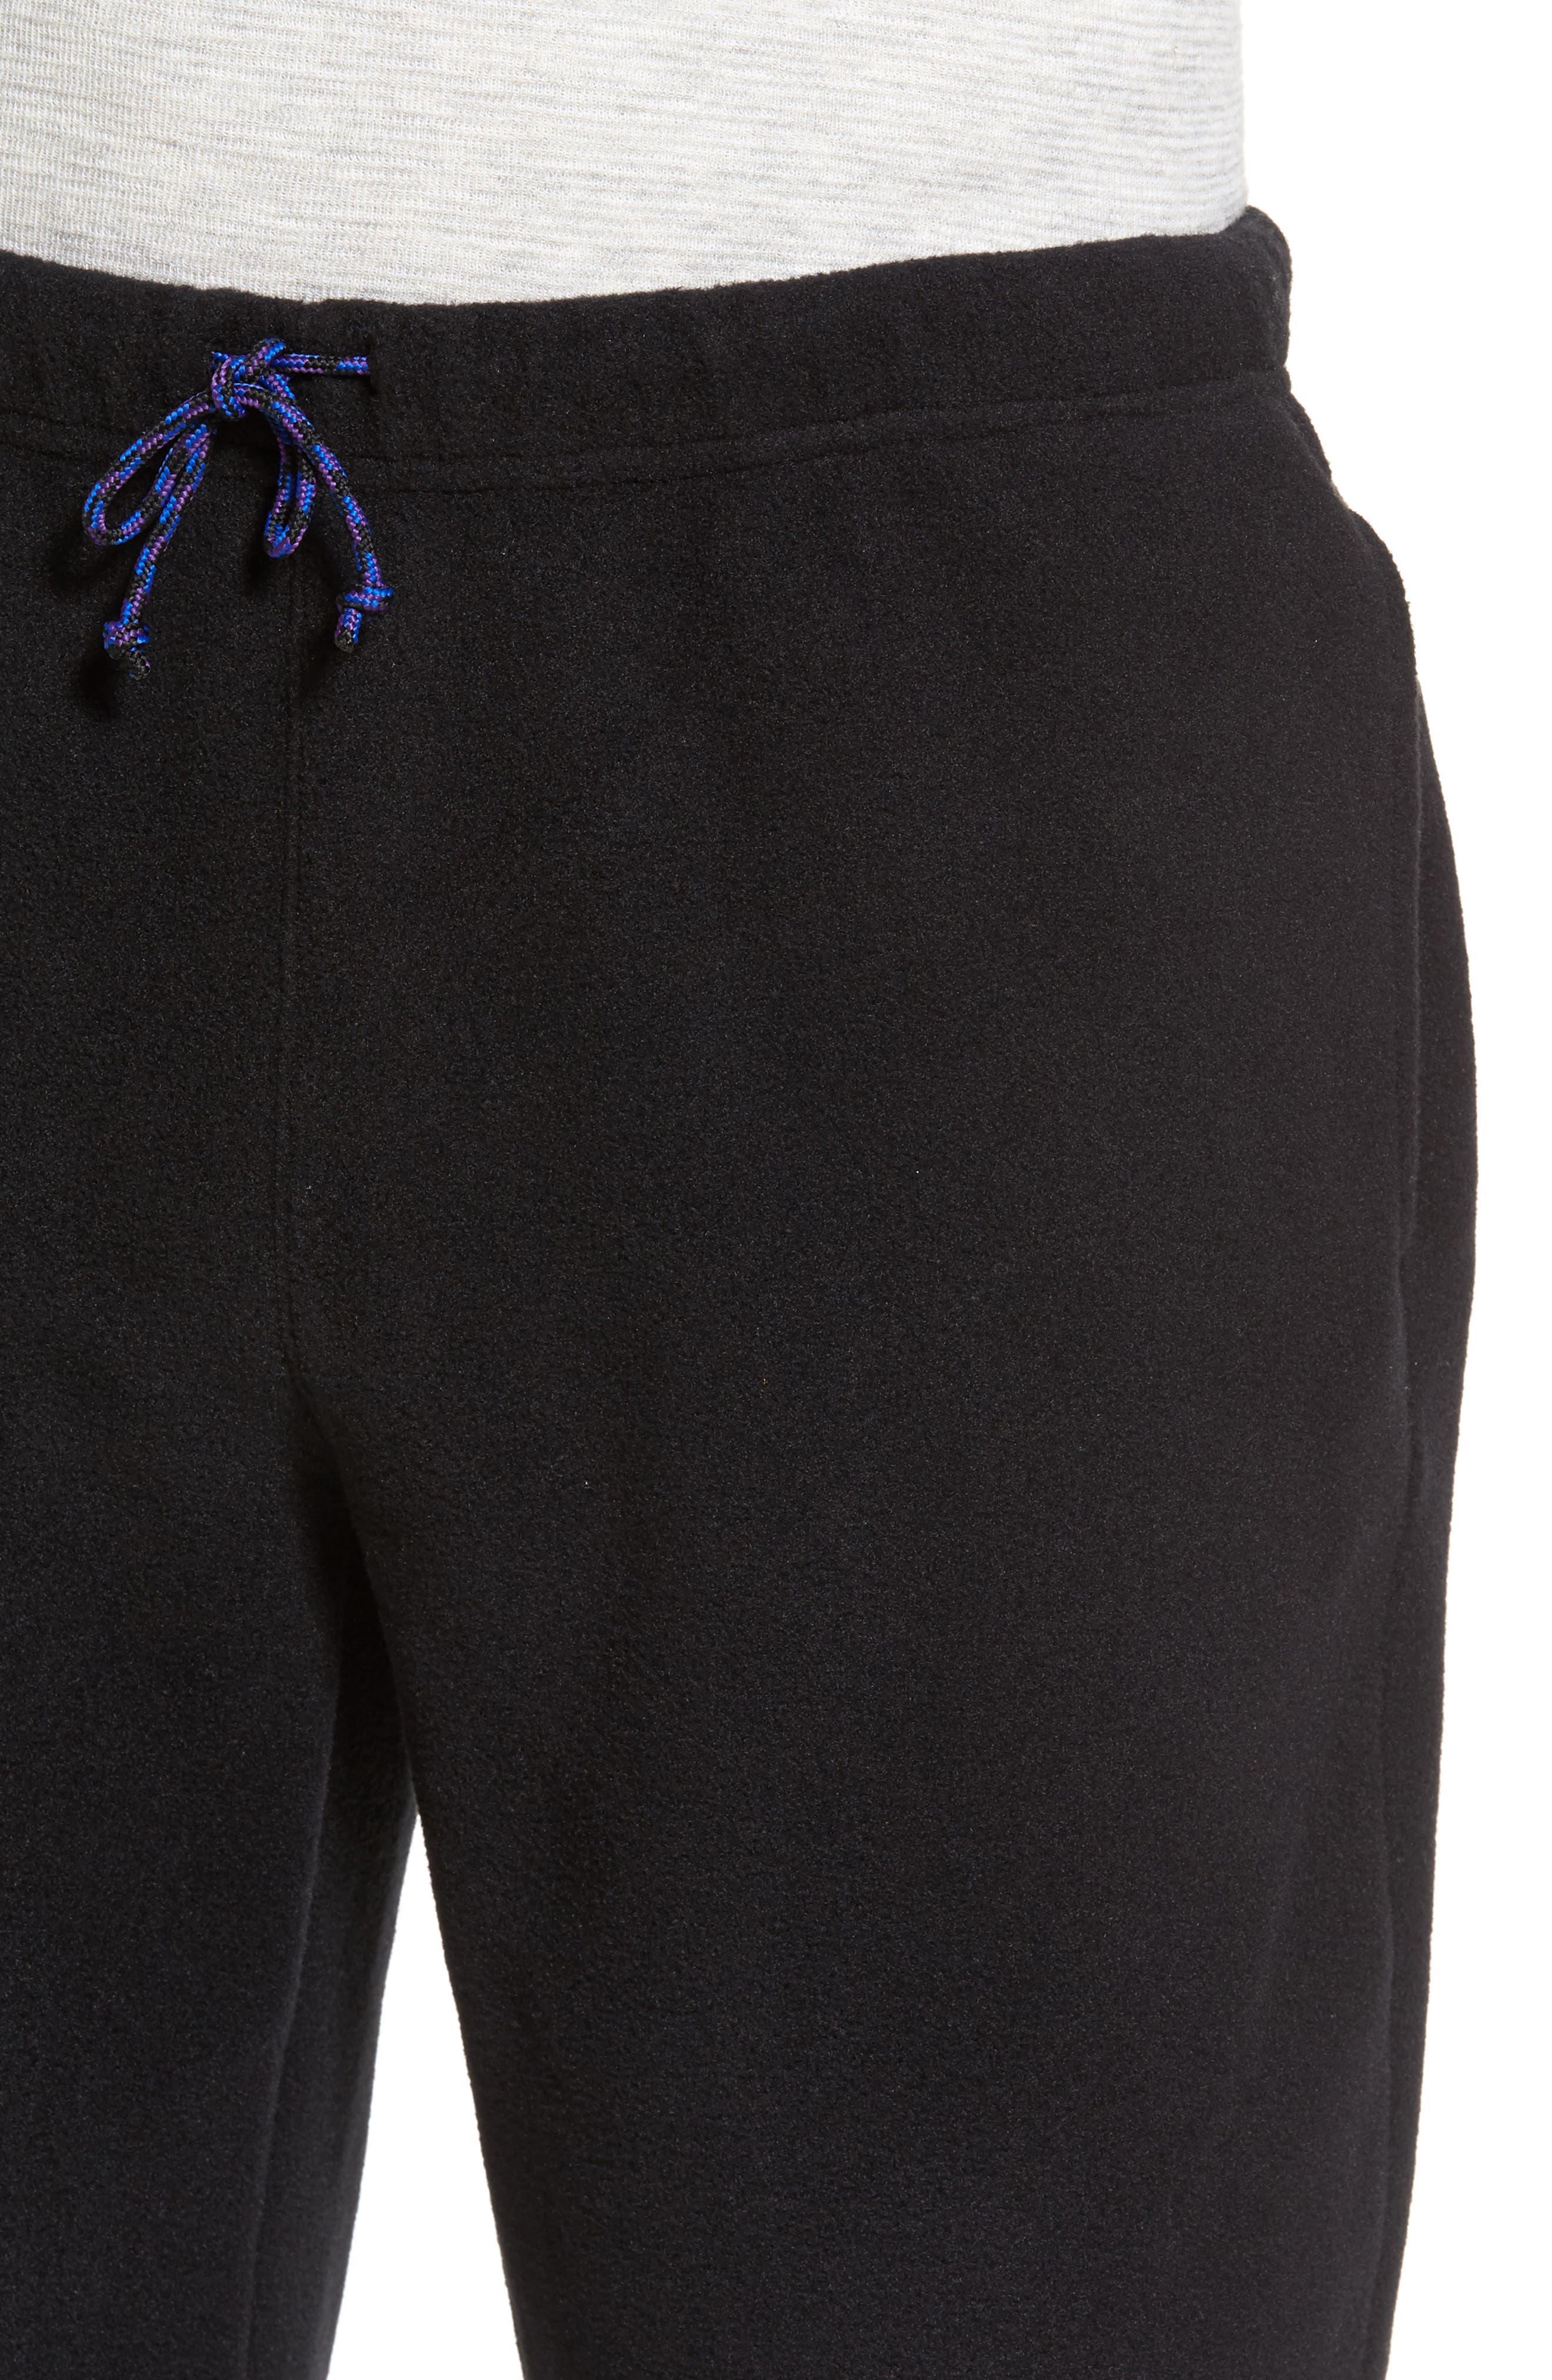 Synchilla<sup>®</sup> Fleece Pants,                             Alternate thumbnail 4, color,                             001